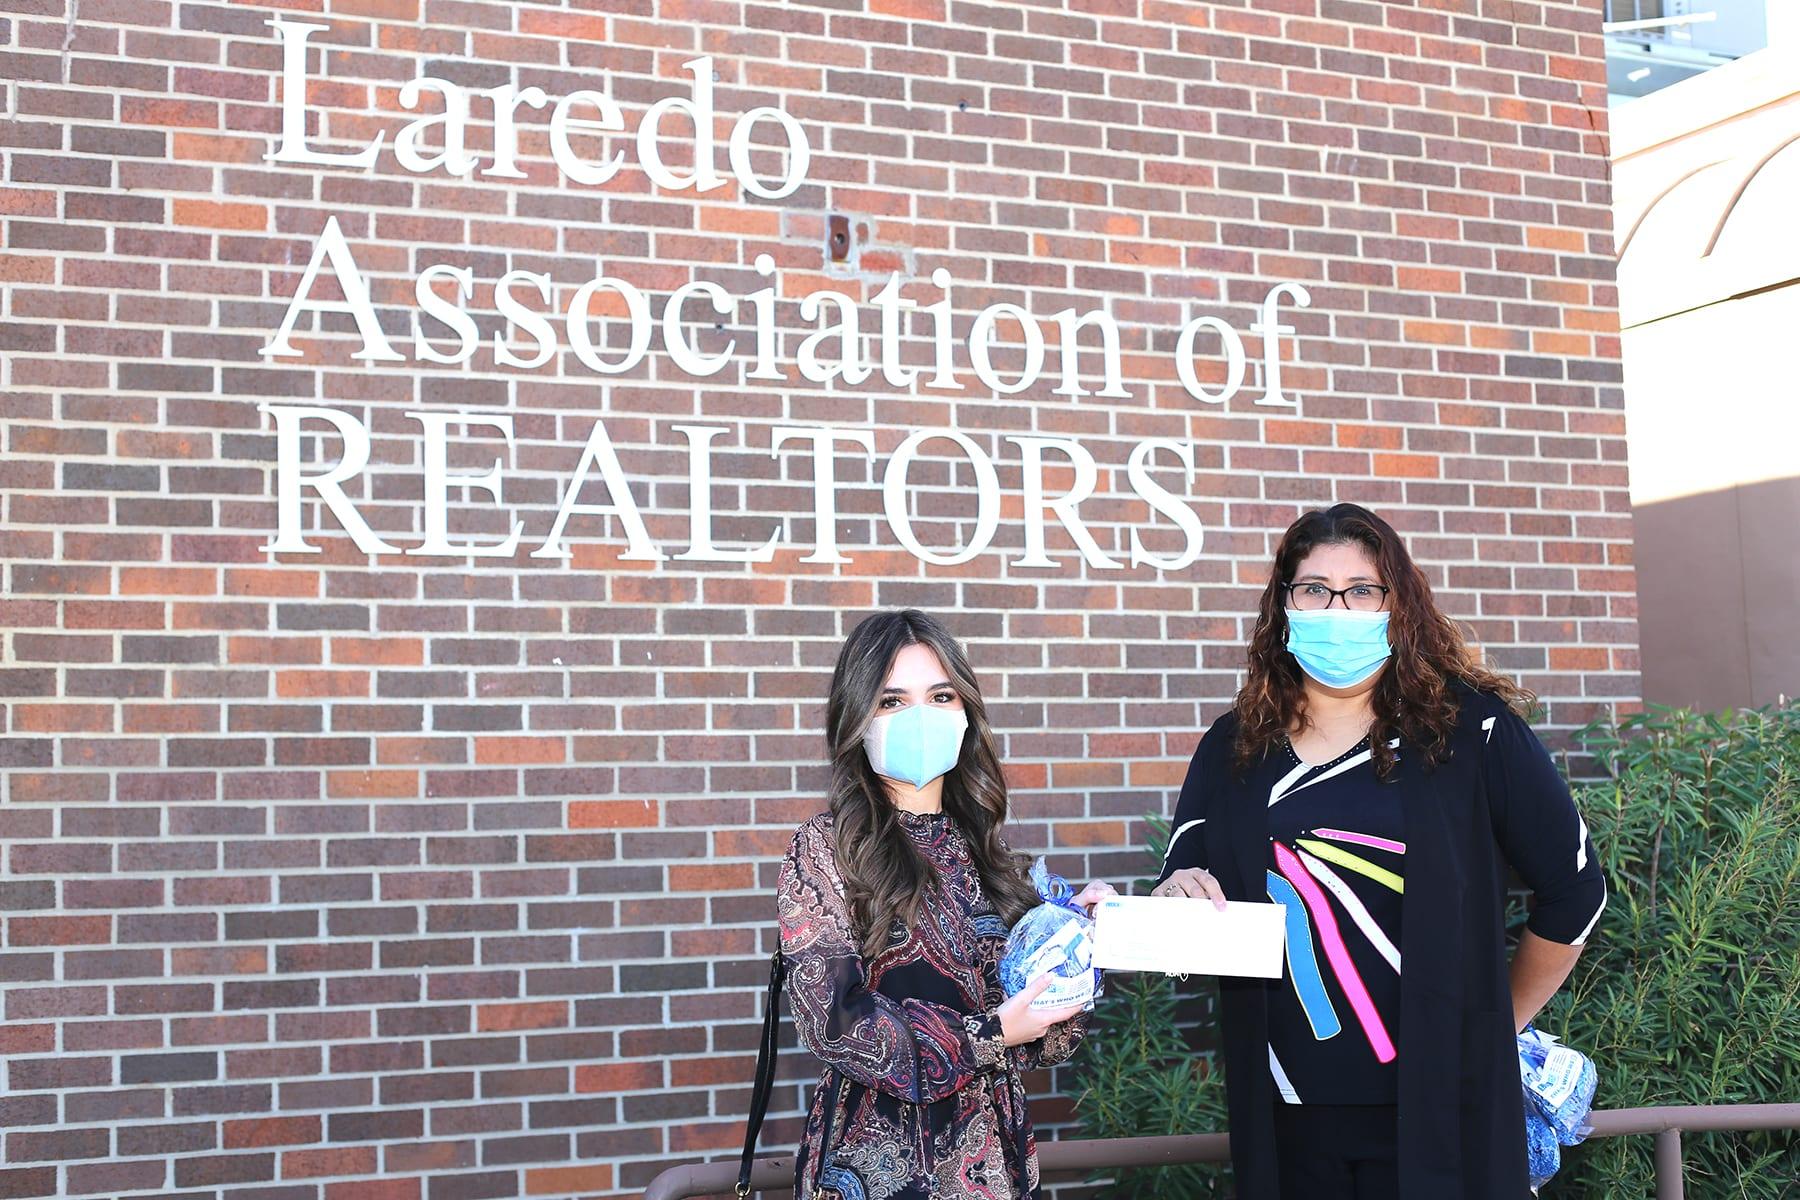 Laredo Realtor - Gallery4